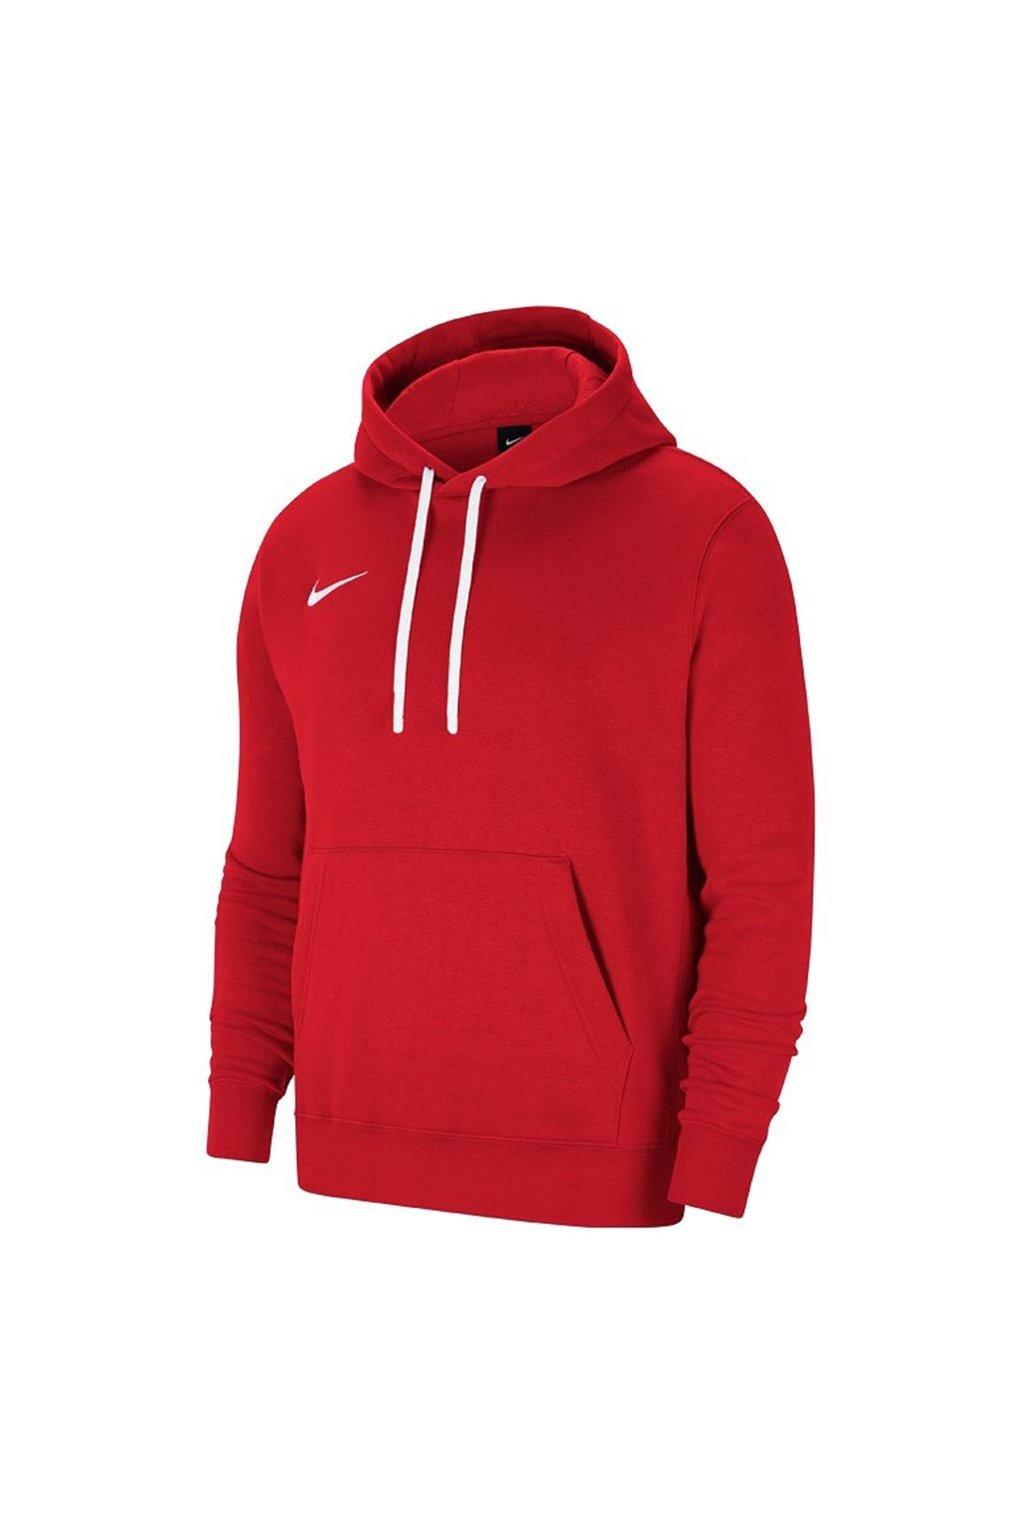 Dámska mikina Nike Team Club 20 Hoodie červená CW6957 657